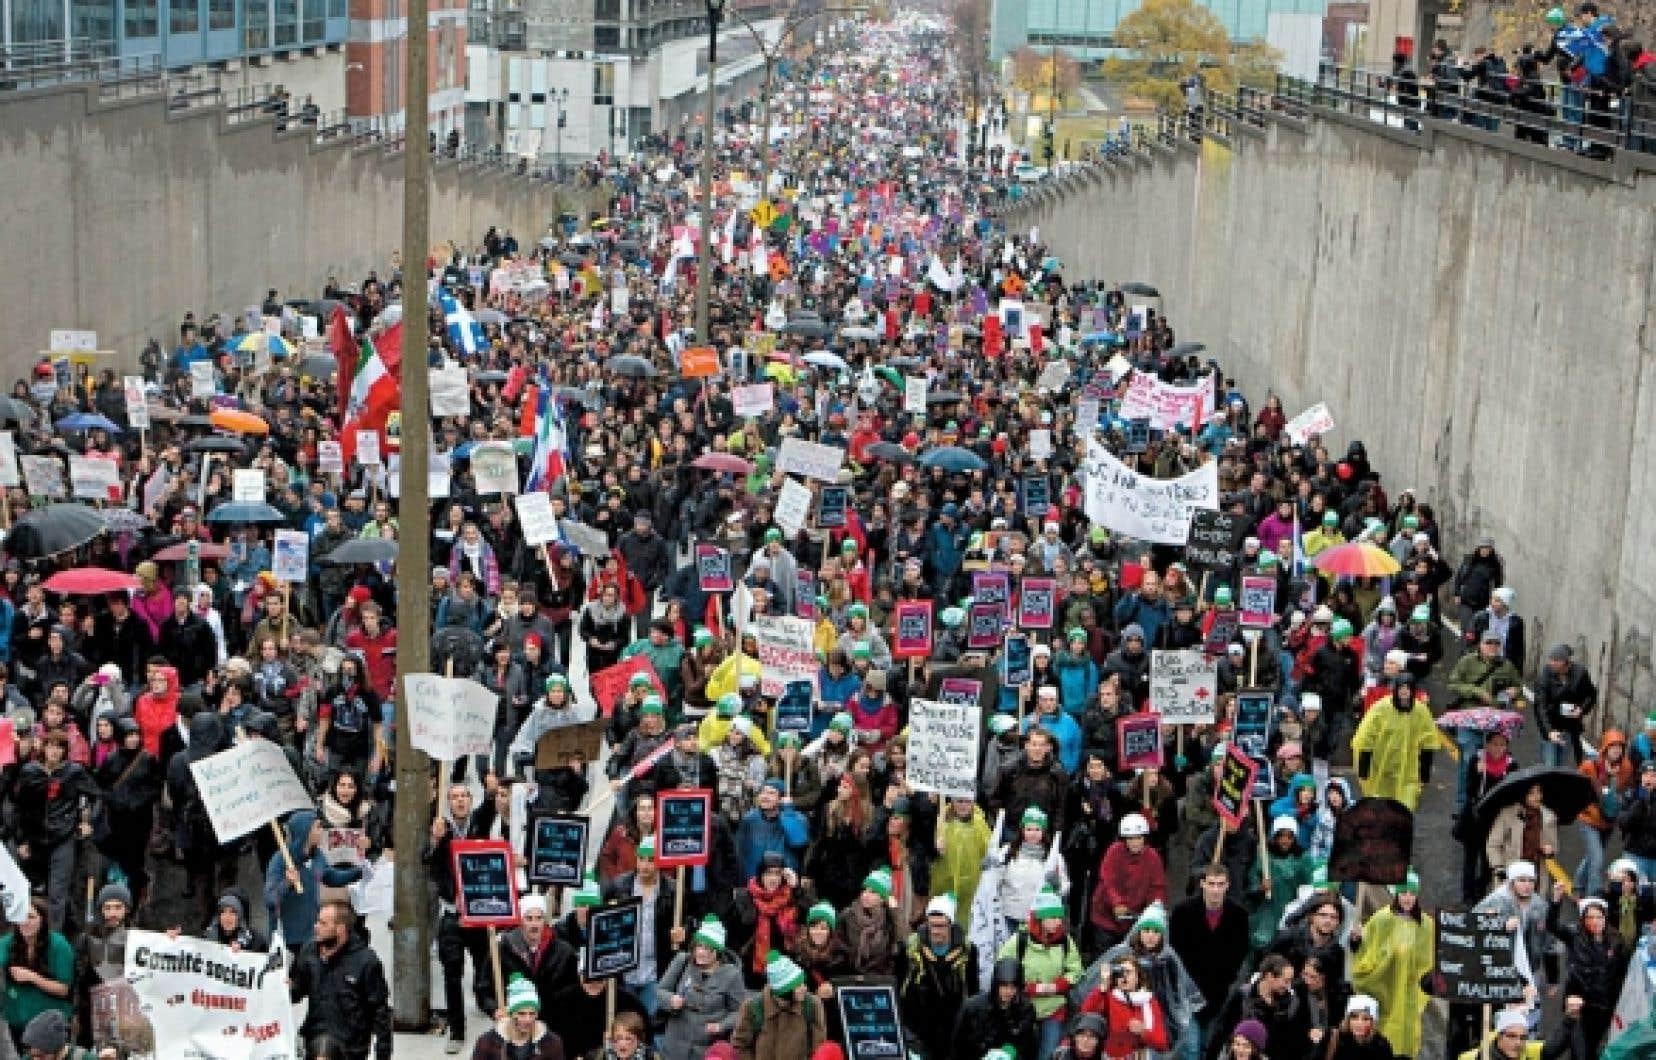 Le 10 novembre dernier, une manifestaiton monstre était organisée à Montréal pour protester contre la hausse des droits de scolarité. Un sondage Senergis–Le Devoir montre toutefois qu'une majorité de Québécois approuve cette hausse.<br />